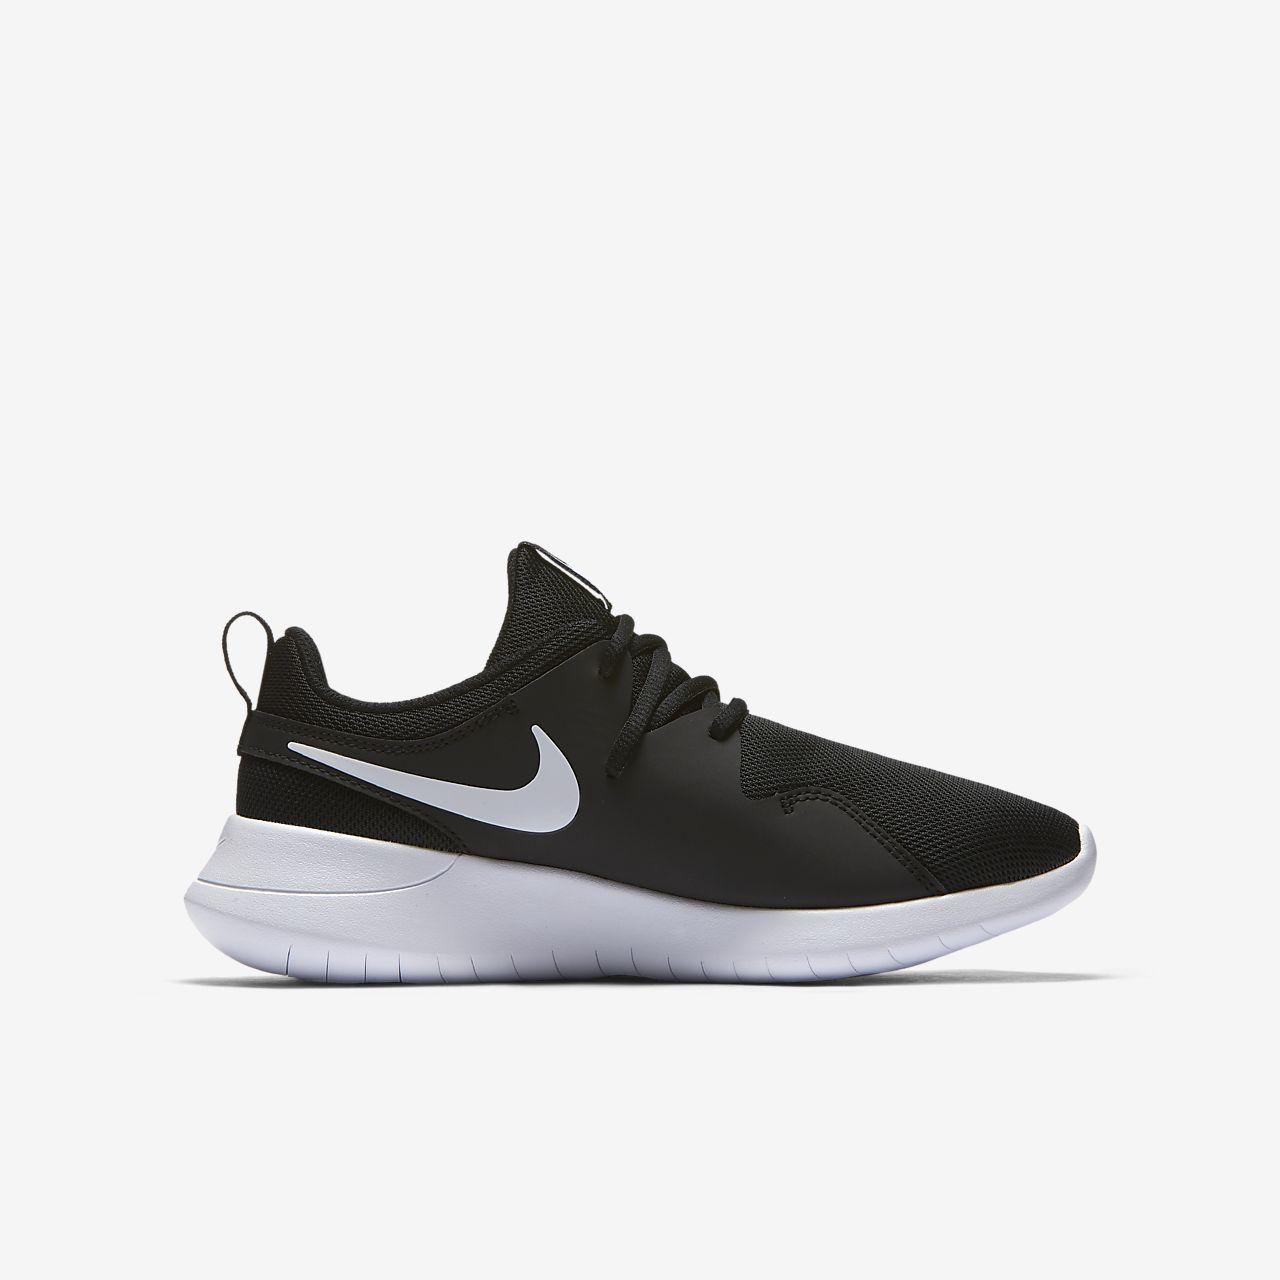 Chaussure Nike Tessen Enfant Pour Plus Âgé 9I2HED